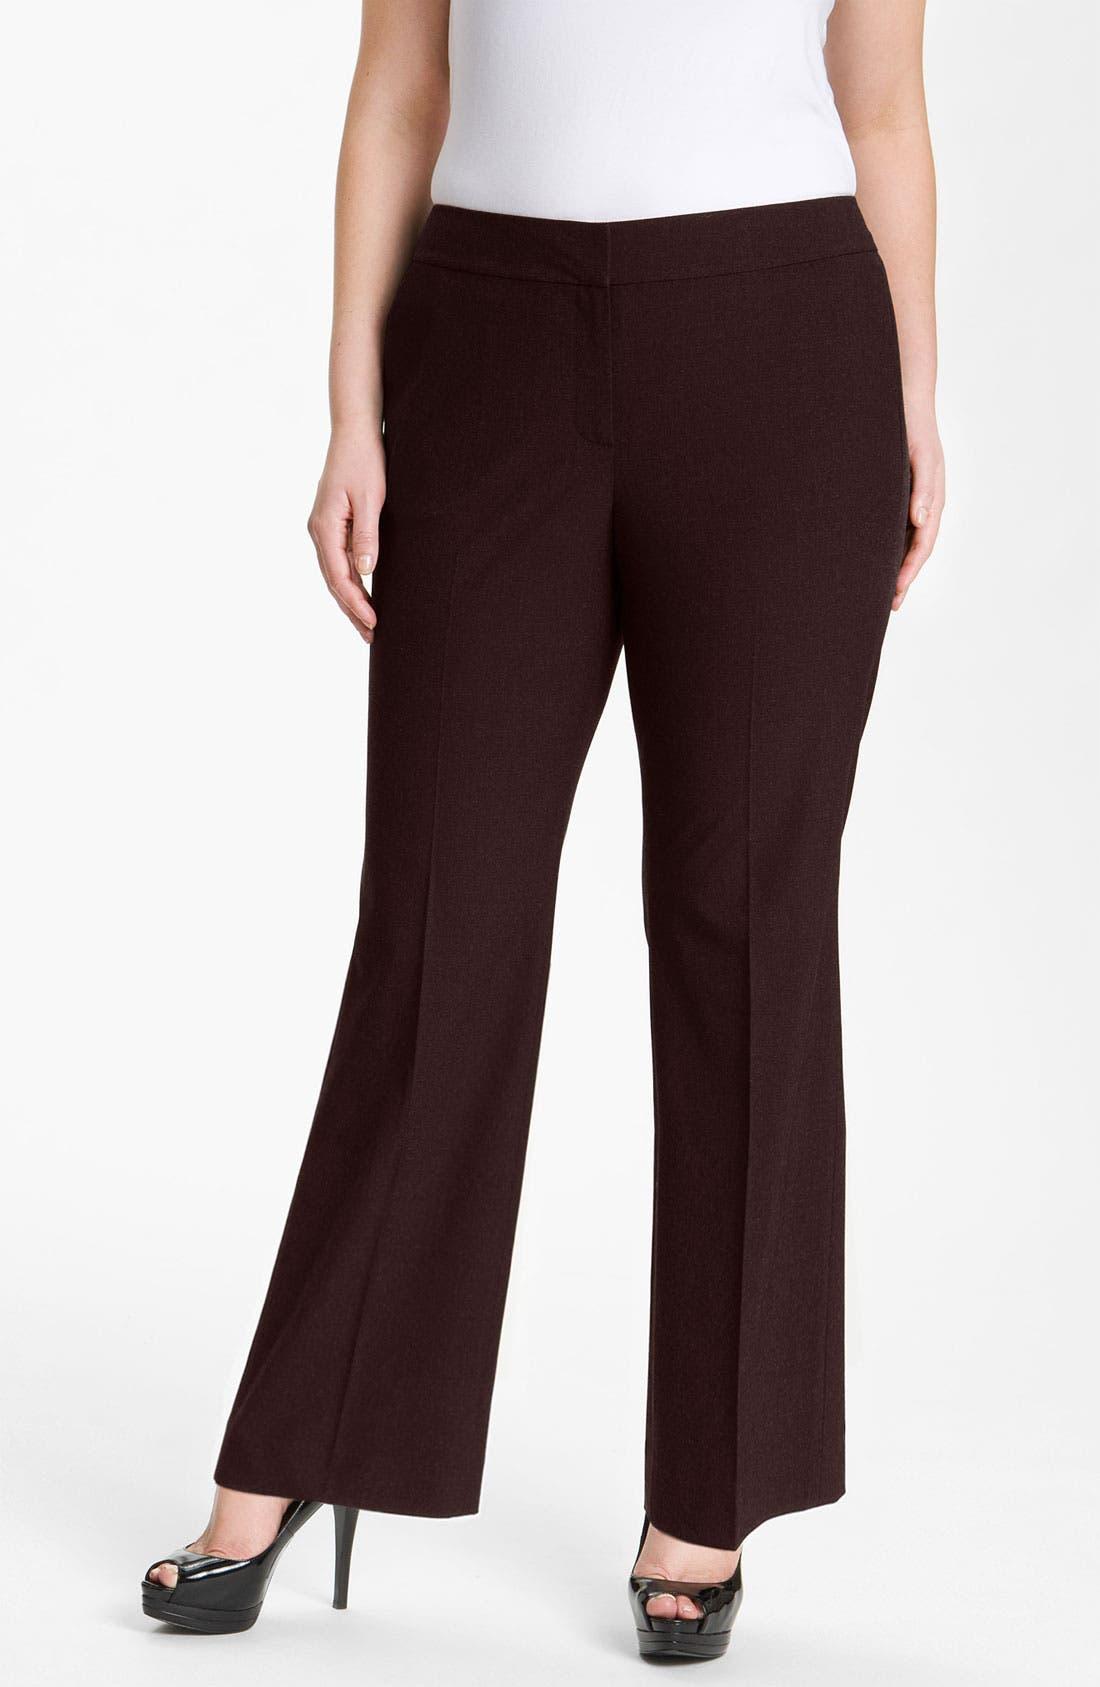 Main Image - Sejour 'Ela' Curvy Fit Pants (Plus Size & Petite Plus)